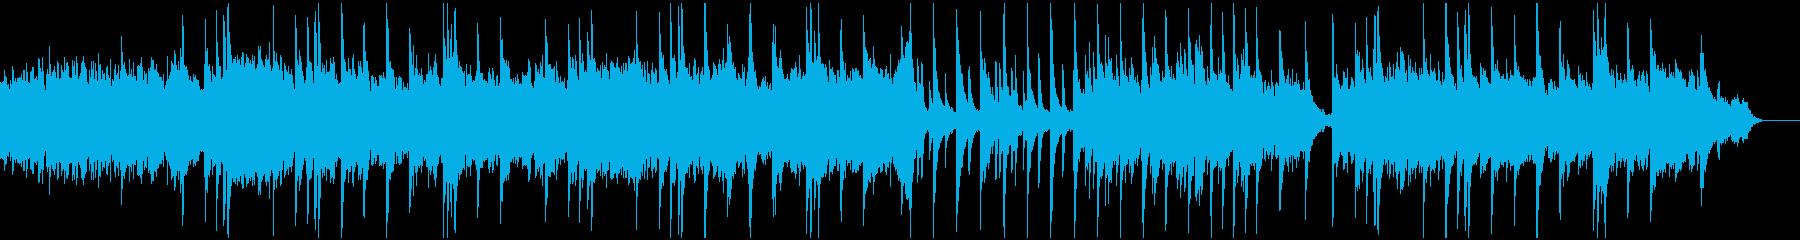 ピアノとシンセサイザーによるヒーリング曲の再生済みの波形